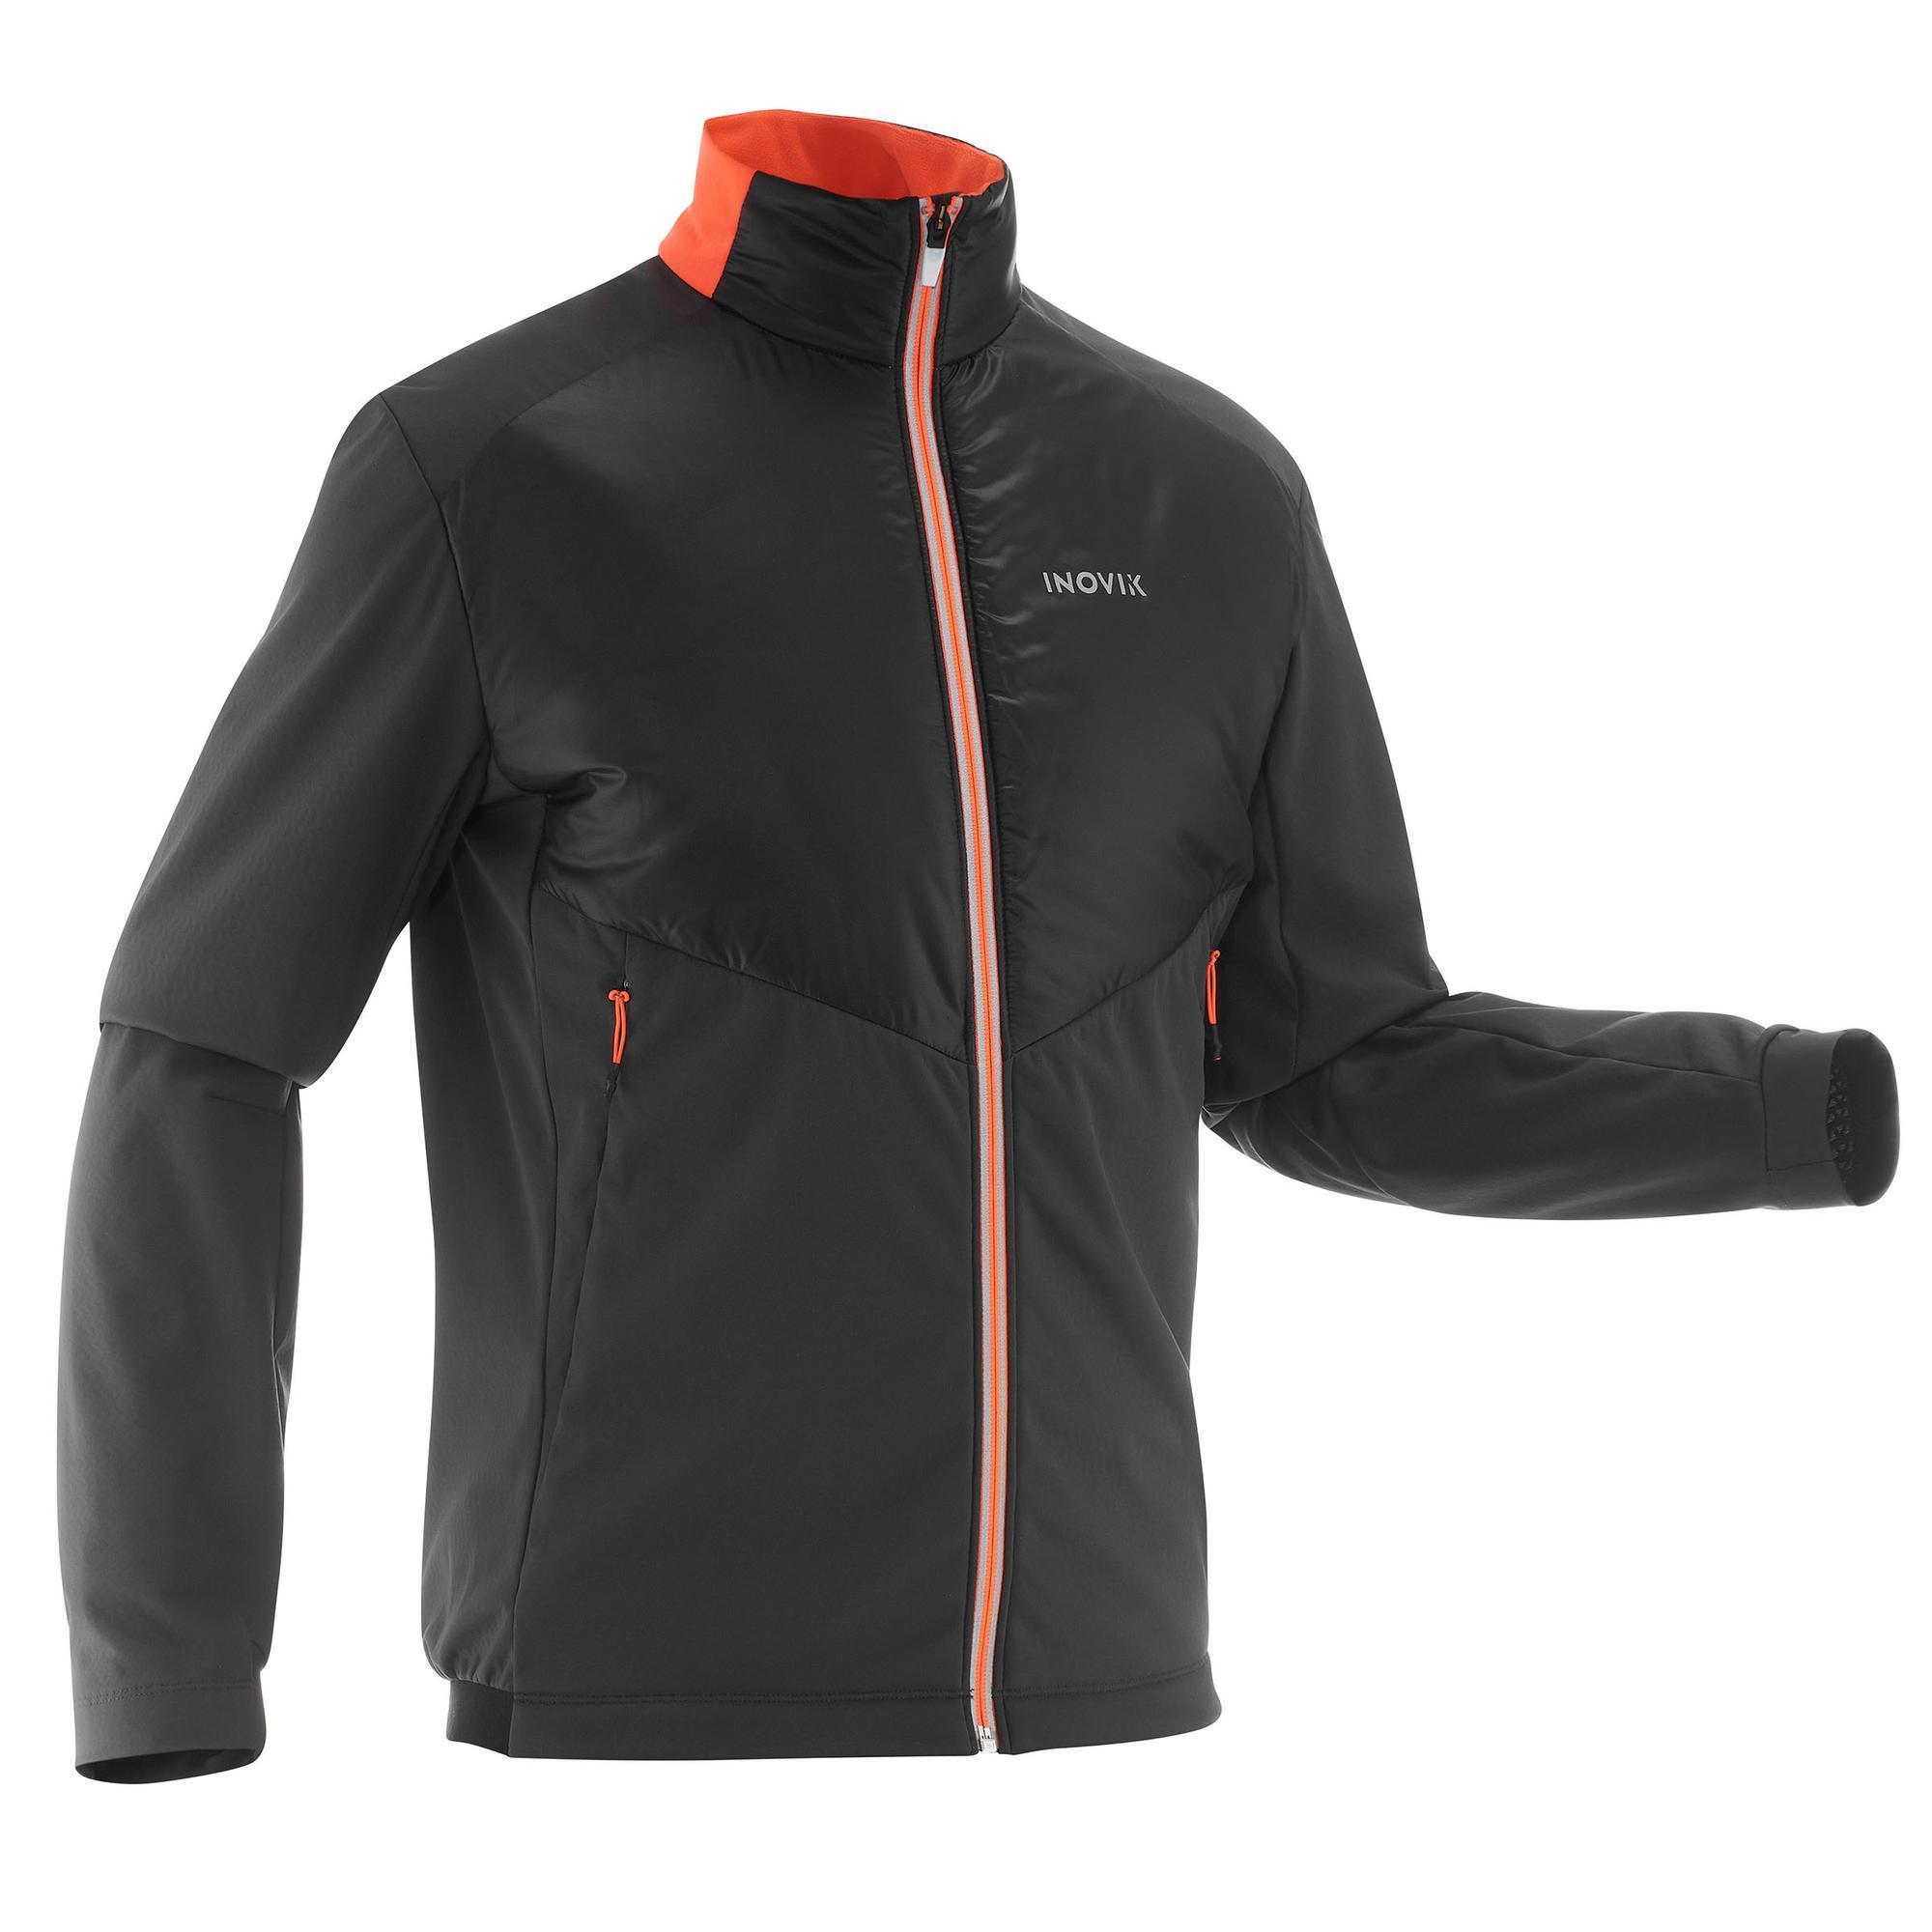 Inovik Warme langlaufjas voor heren XC S JKT 550 zwart thumbnail